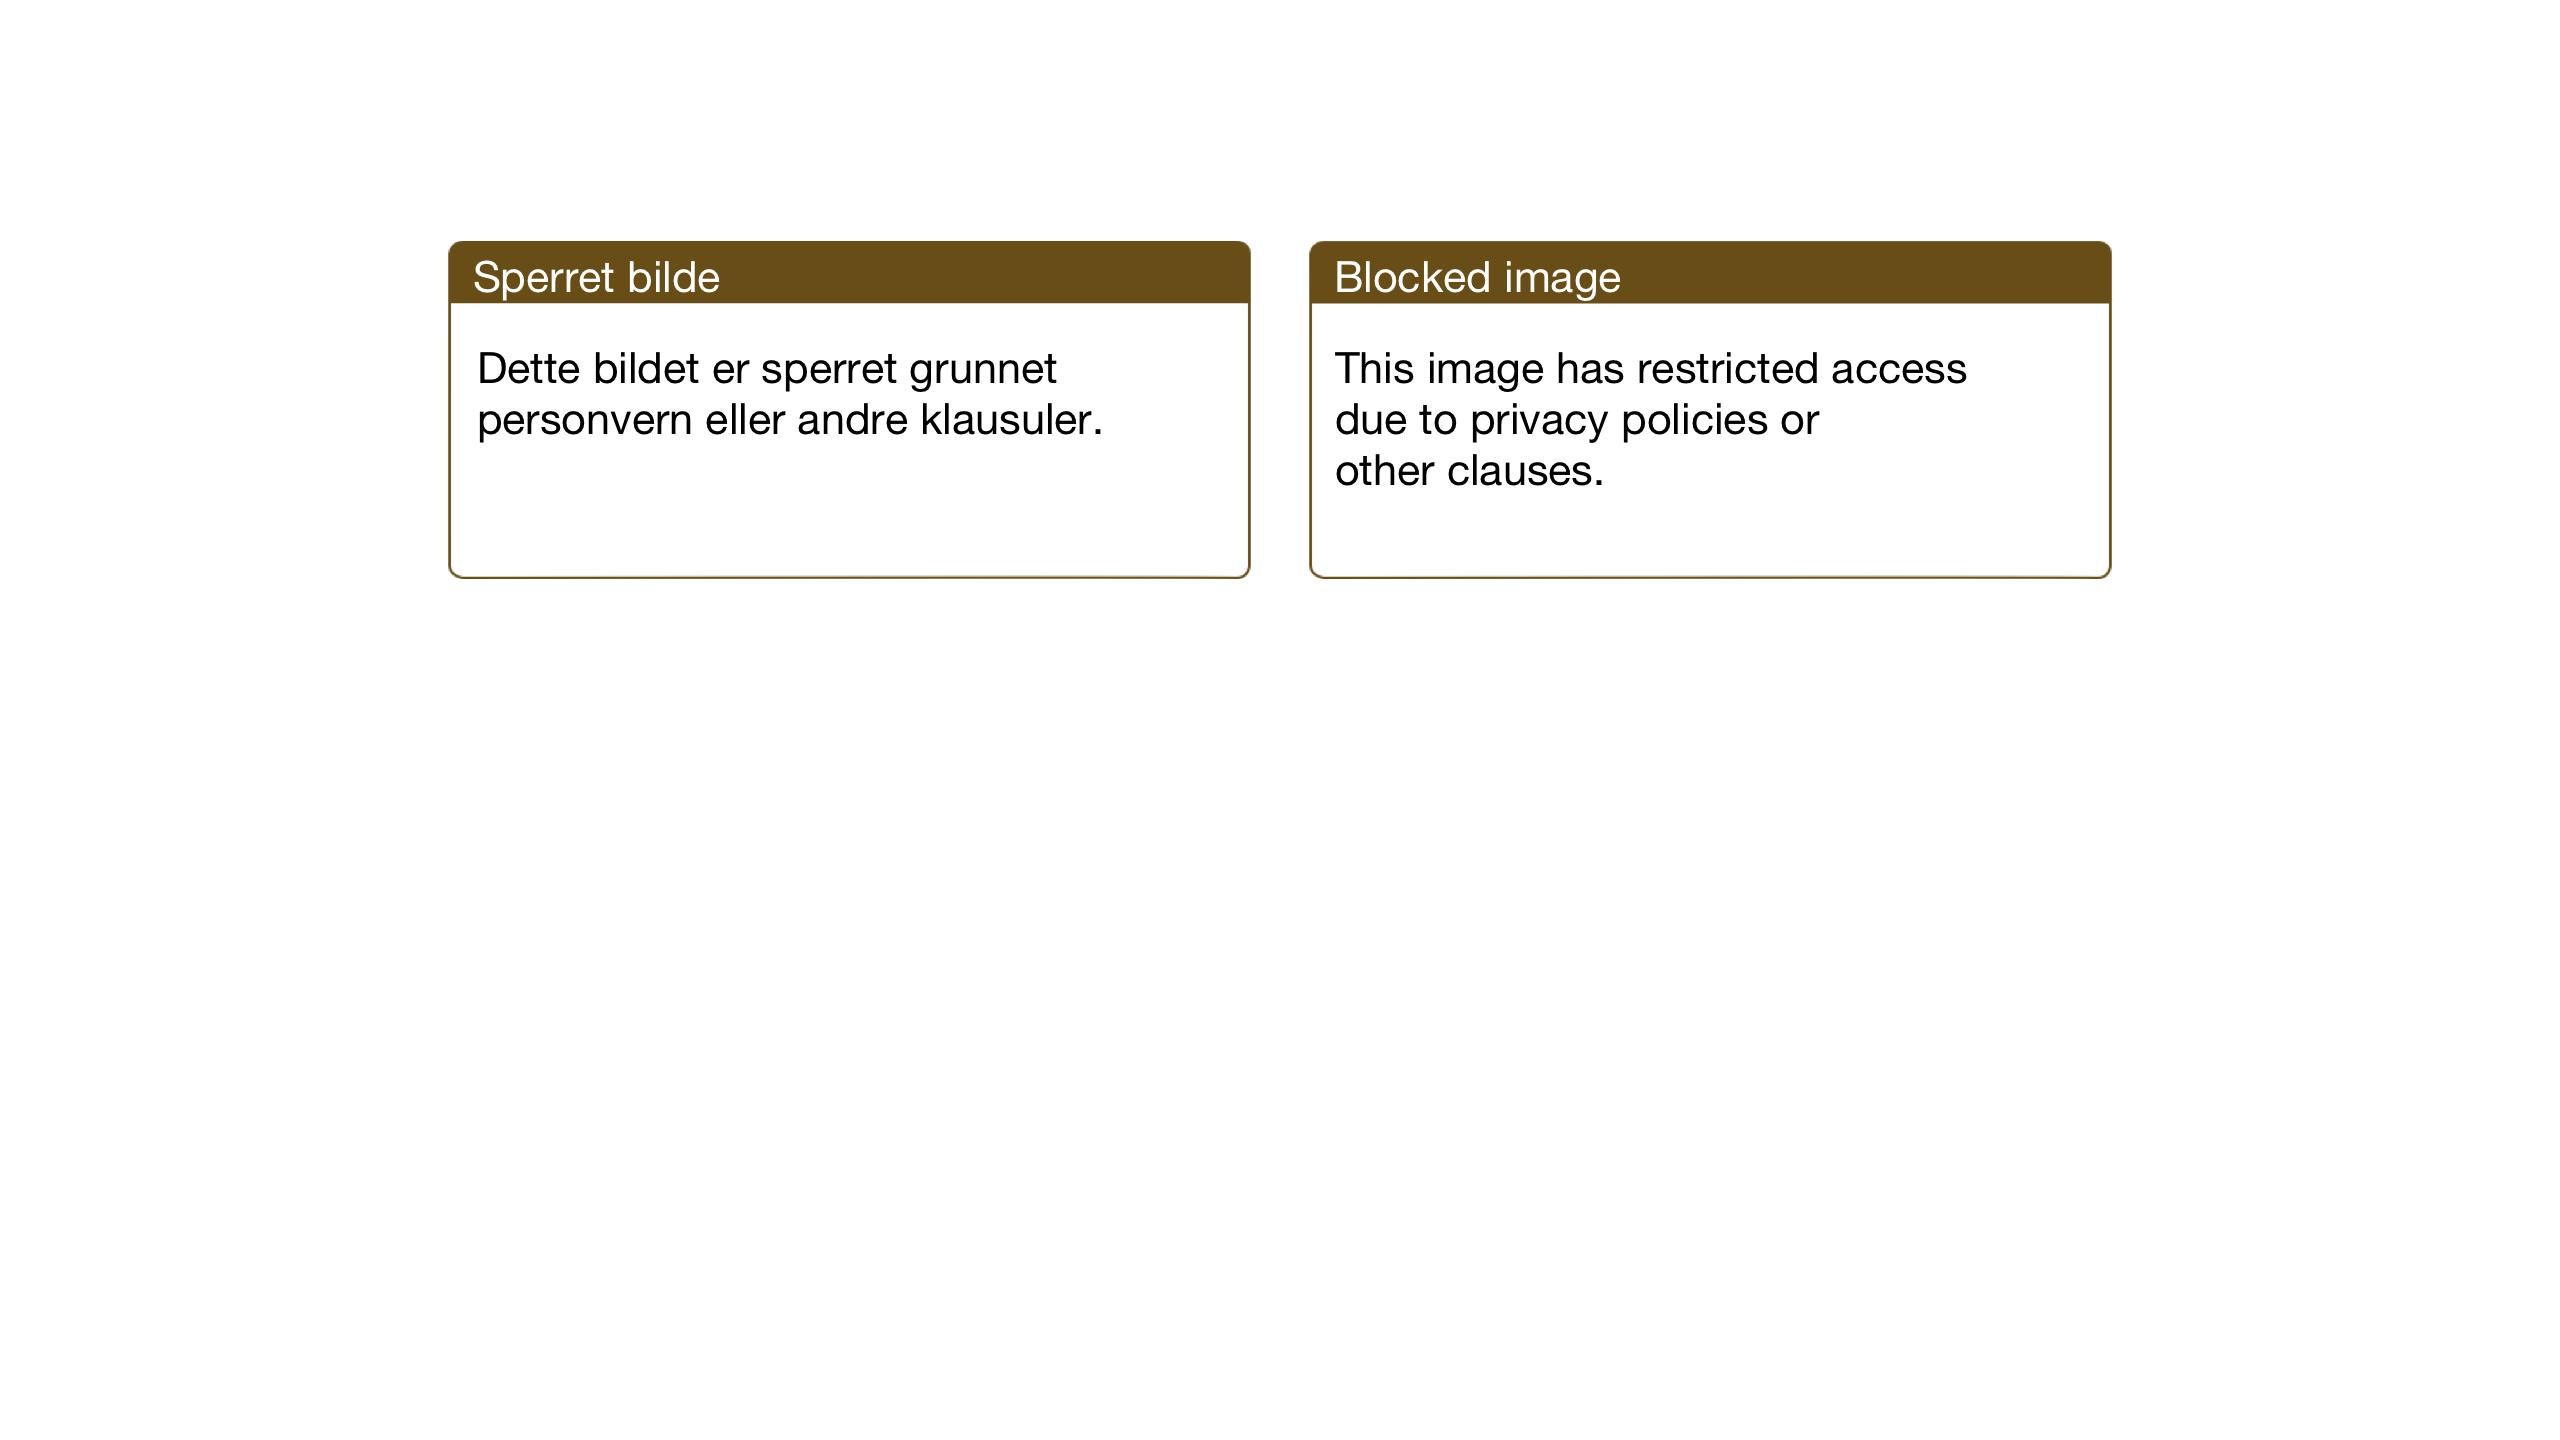 SAT, Ministerialprotokoller, klokkerbøker og fødselsregistre - Sør-Trøndelag, 657/L0718: Klokkerbok nr. 657C05, 1923-1948, s. 71